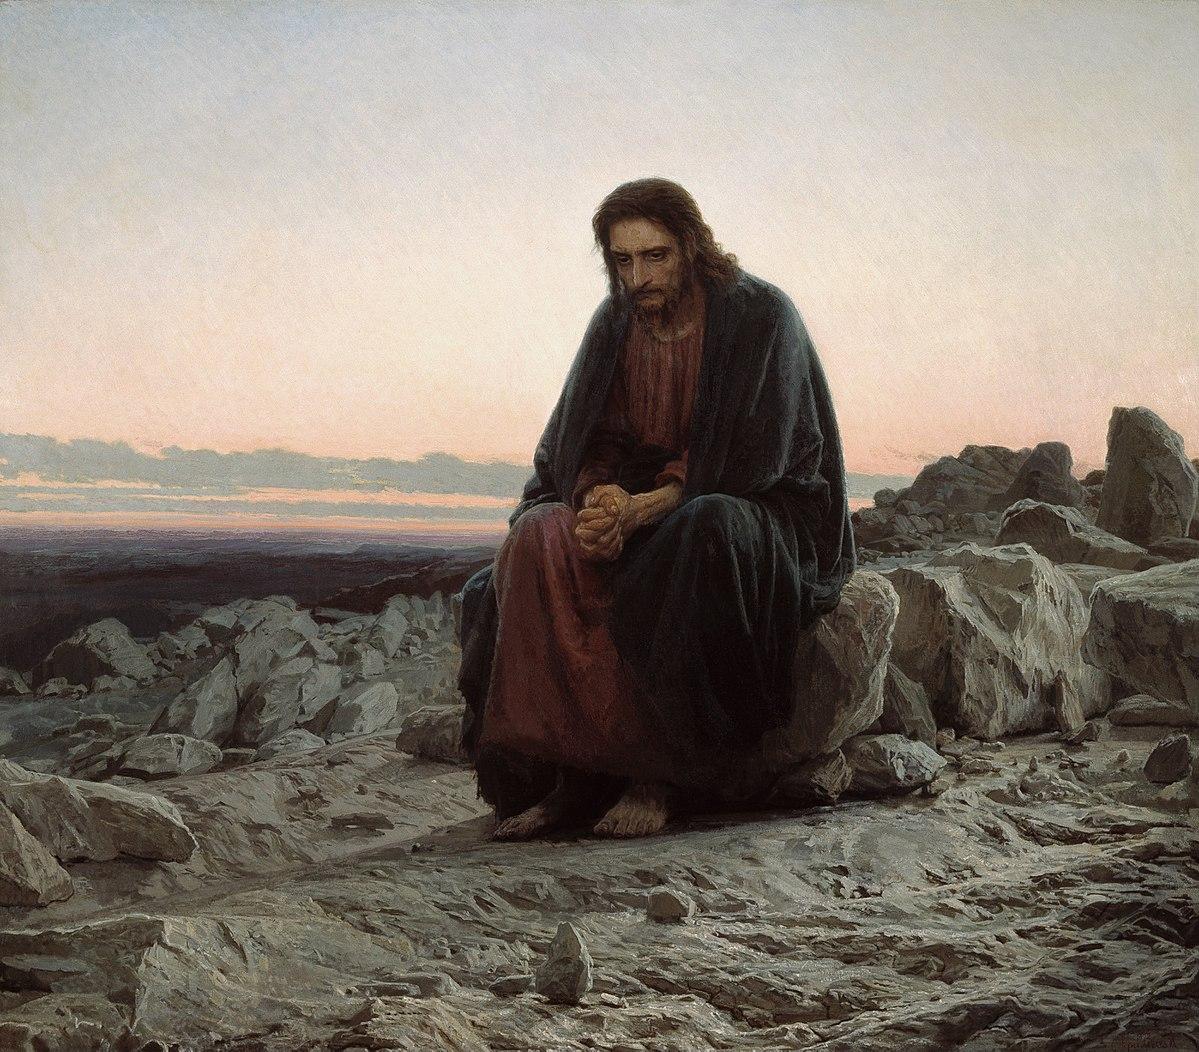 JE! JICHO LAKO LINAONA NINI KATIKATI YA MAJARIBU?